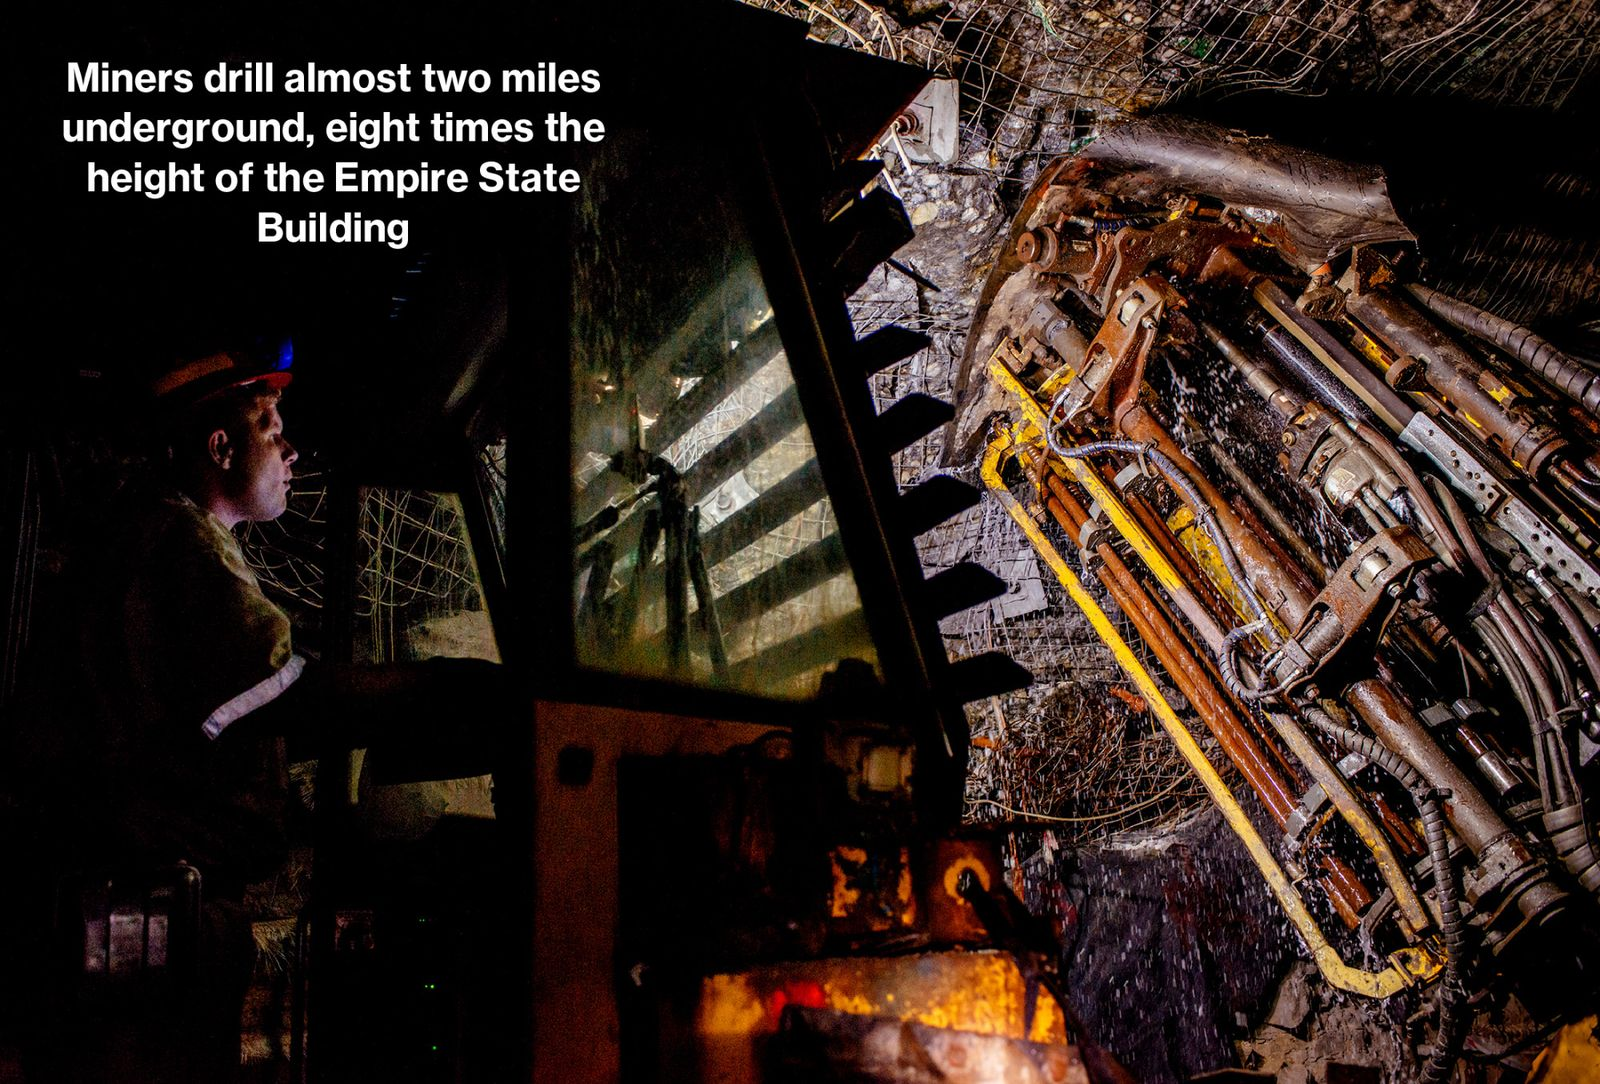 Rocky Wyngaard在South Deep金礦隧道鑽洞,用於固定鐵絲網以防止落下的岩石。 岩面上的洞裡充滿了爆炸物,將礦石破碎成碎石,然後通過自卸卡車、滑槽與升降機將其運送到地面。